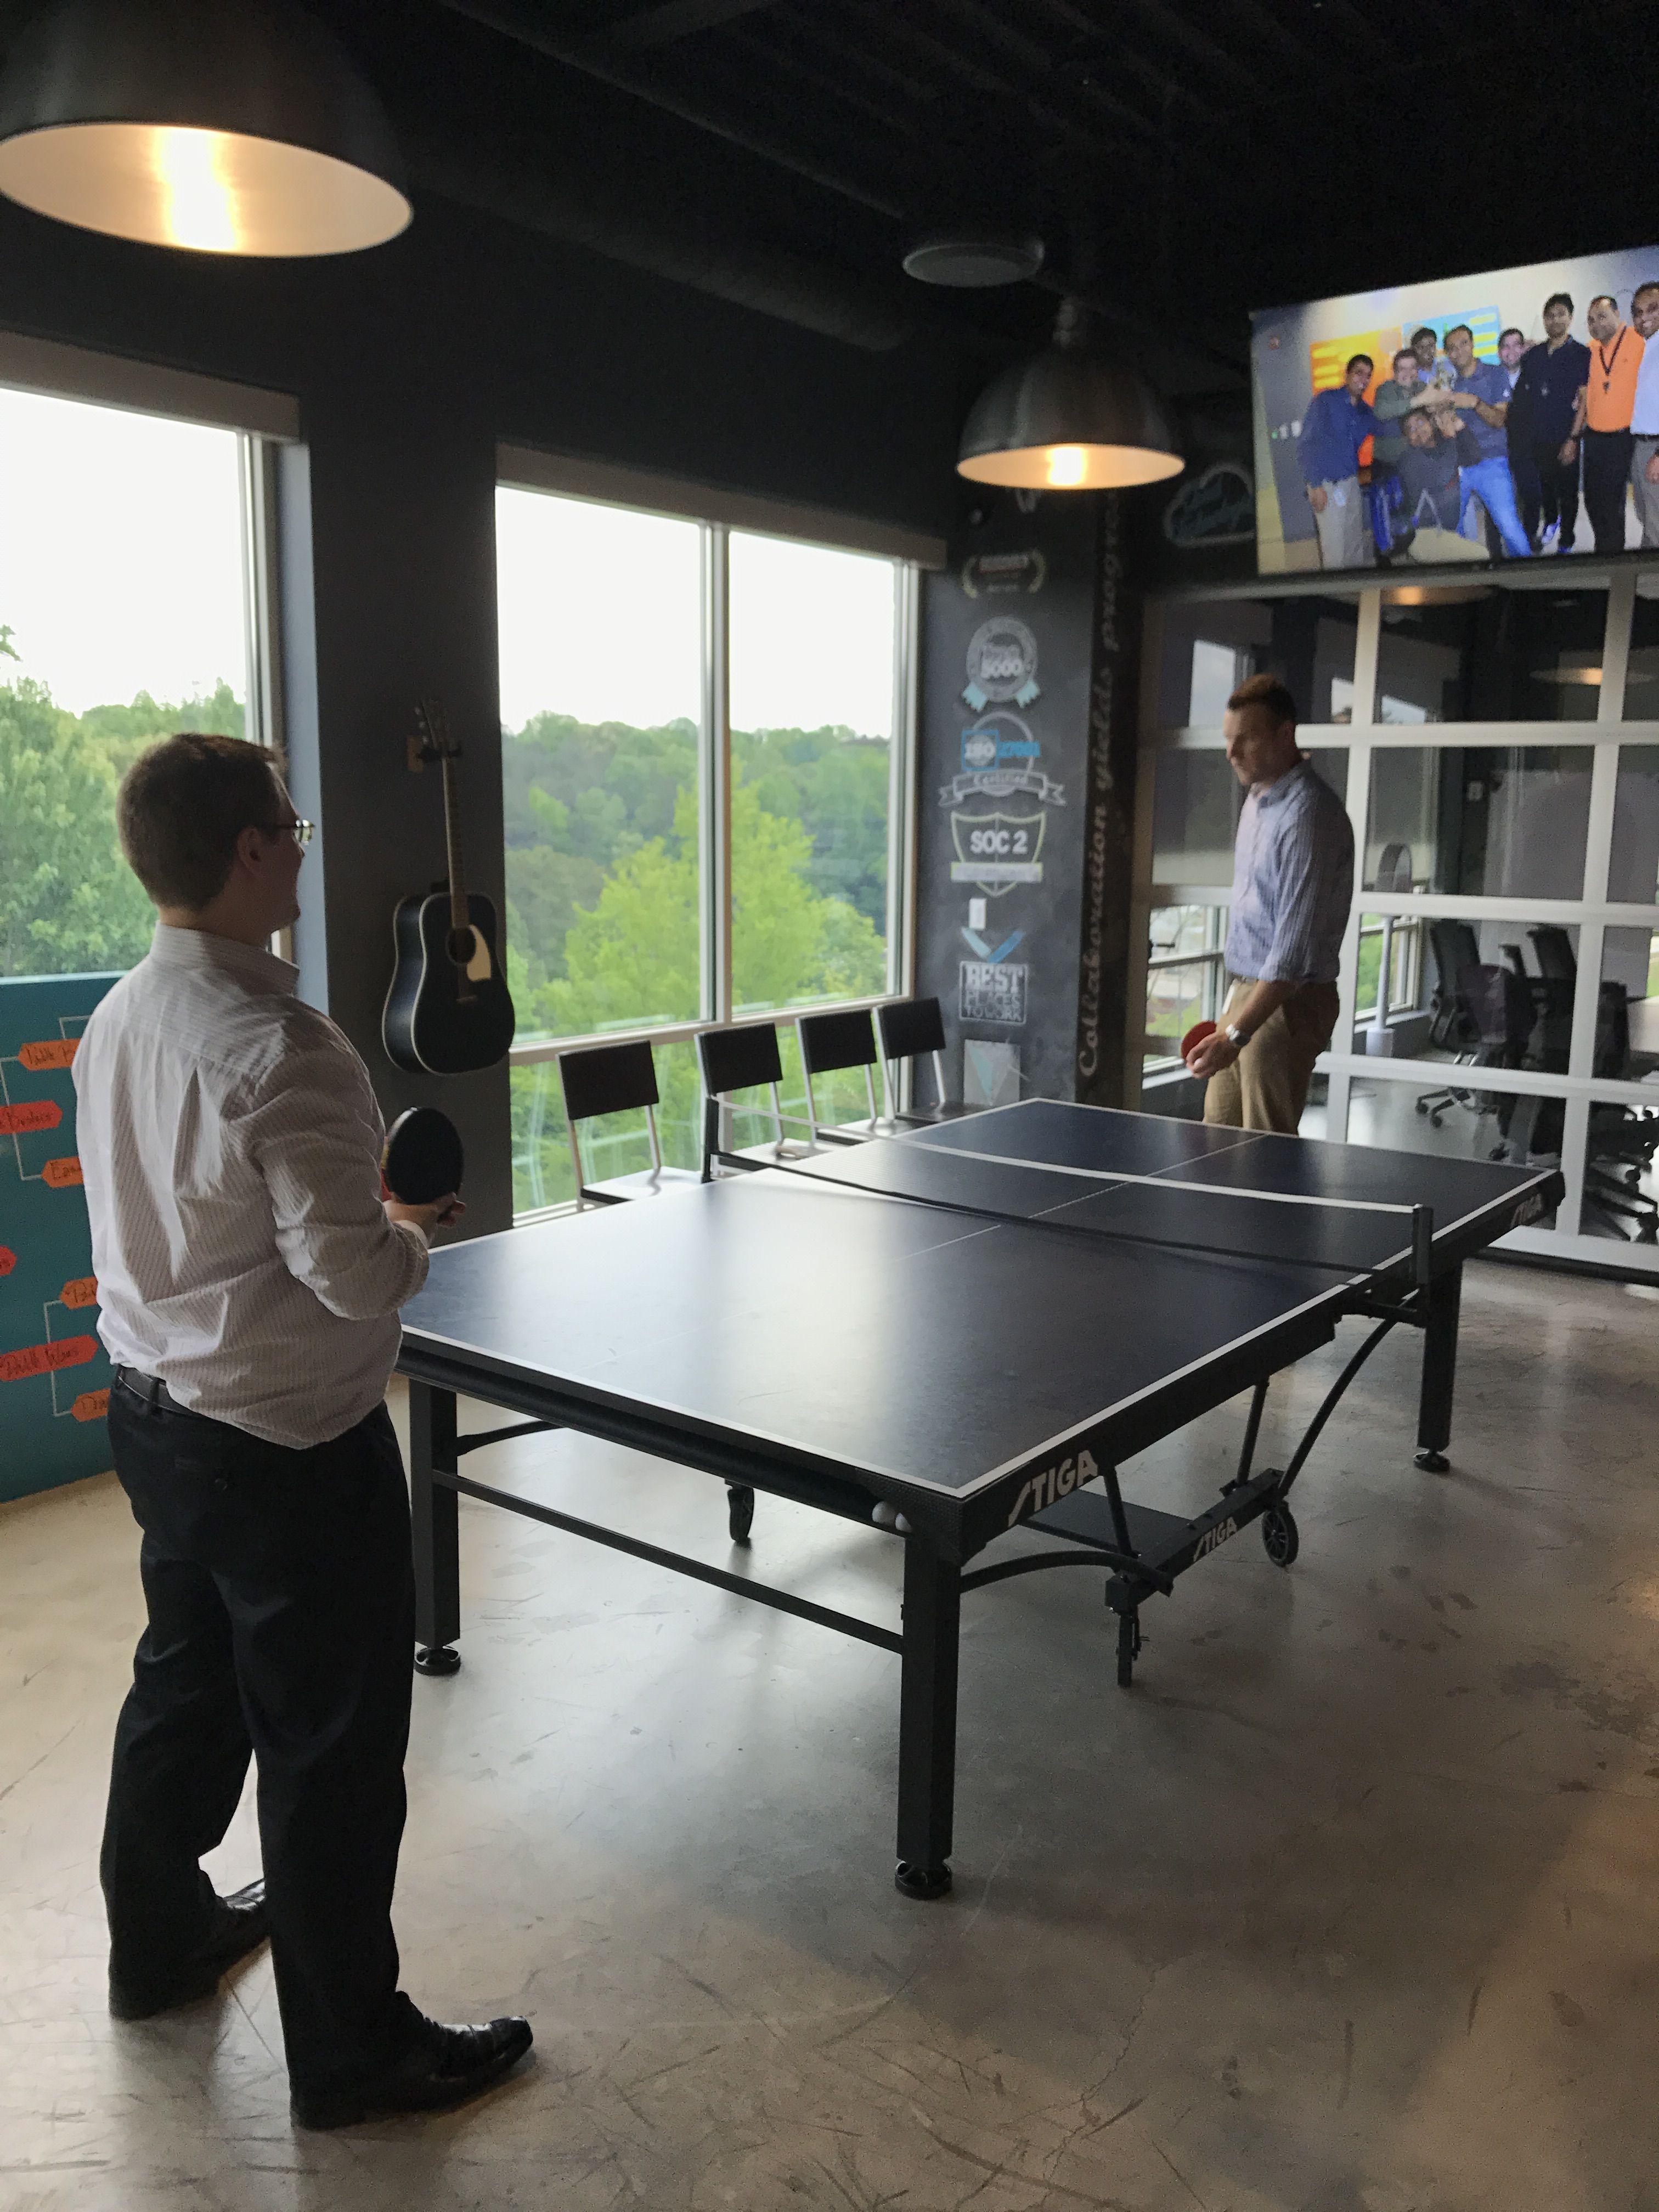 Ping Pong Table In Break Room Break Room Ping Pong Table Game Room